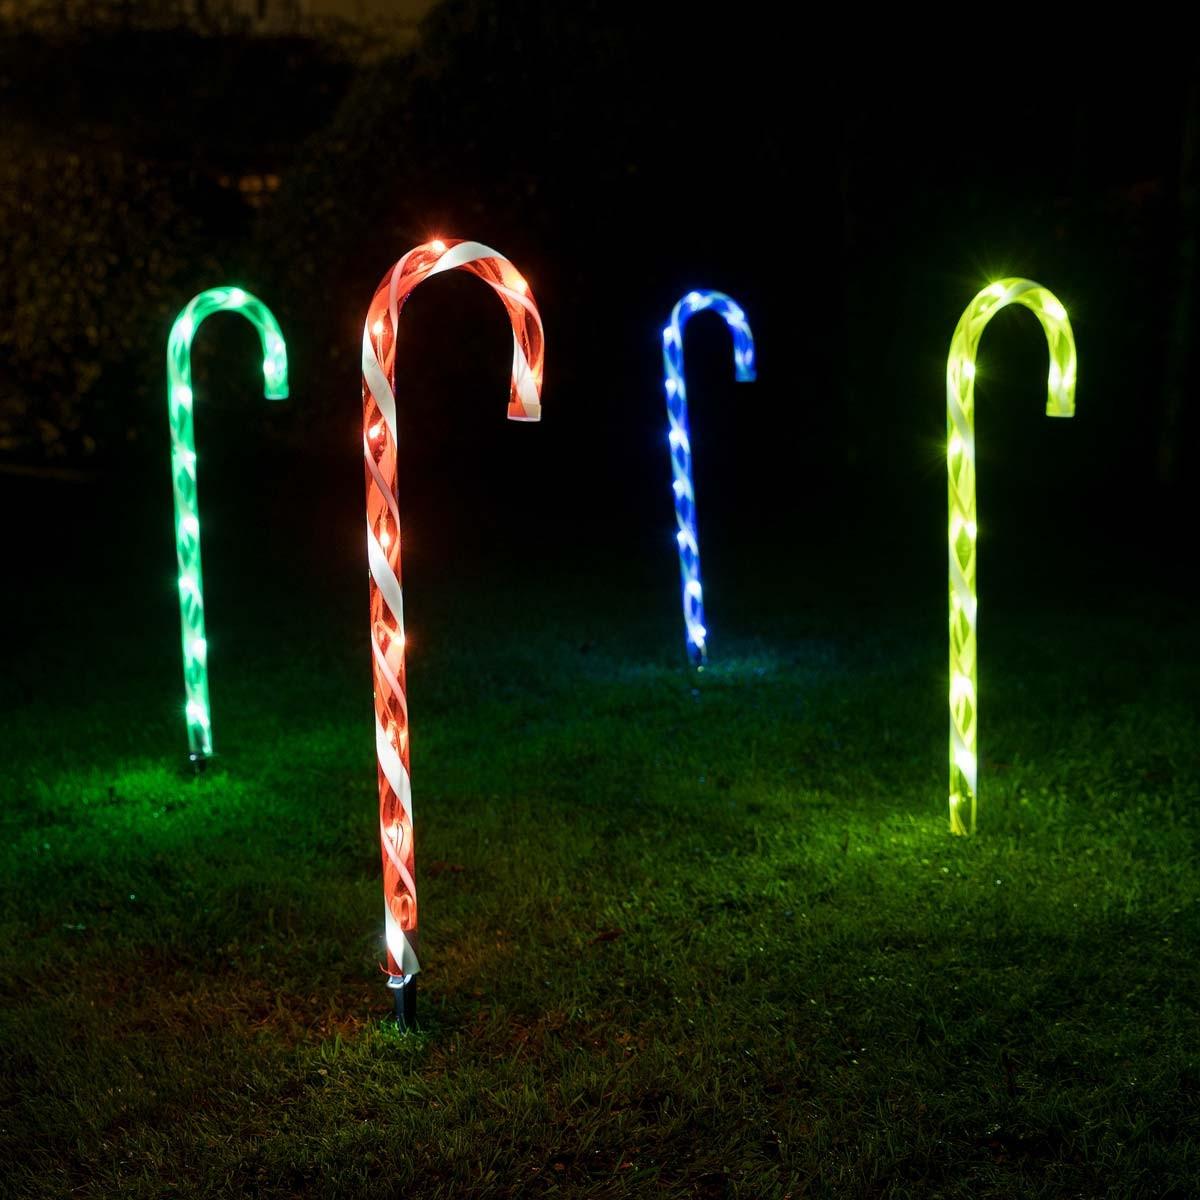 Candy Cane Led Christmas Lights  4 x 40 LED Candy Cane Christmas Lights Light Up Garden